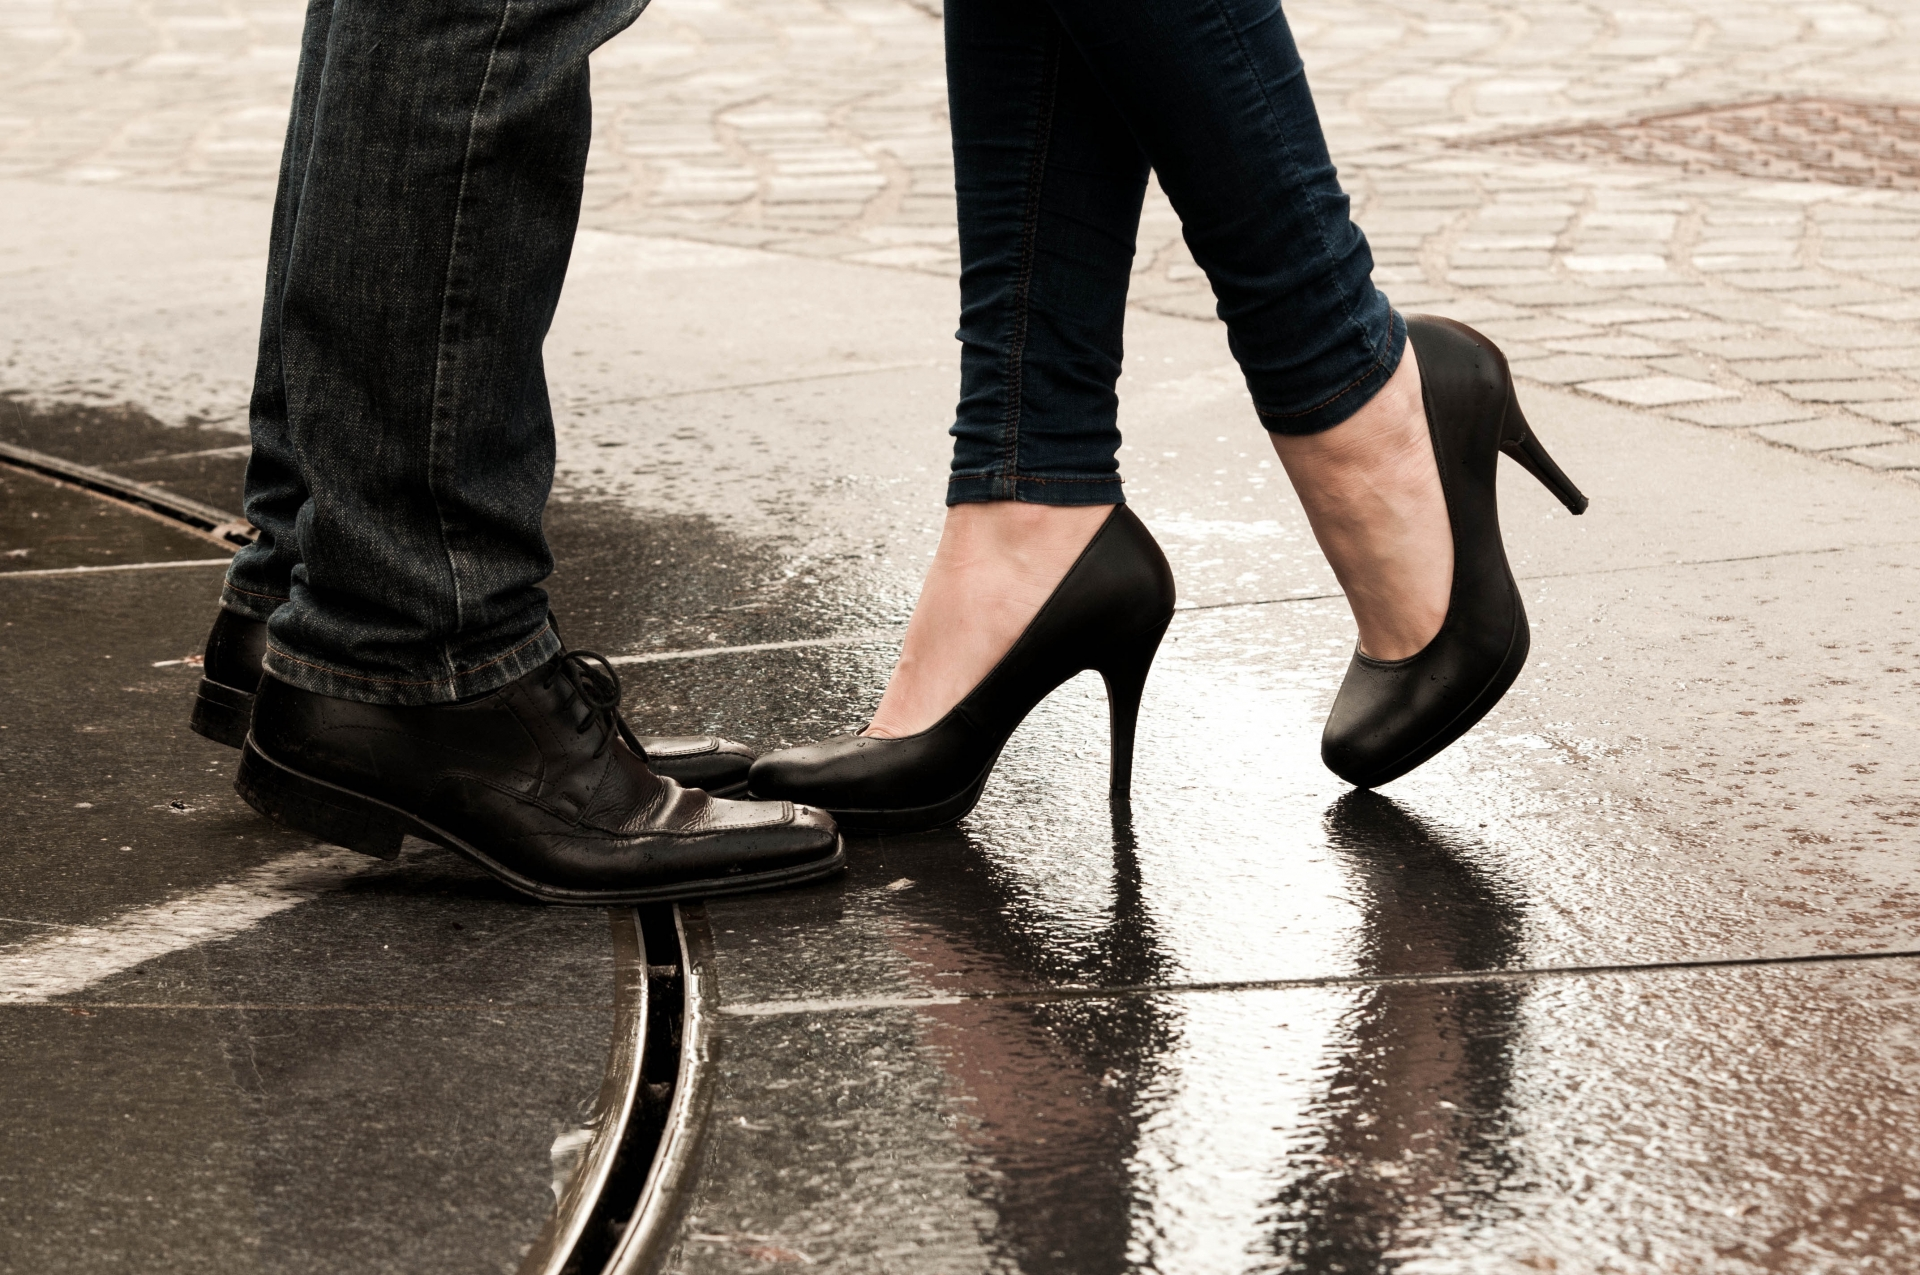 彼氏の性欲が強い!性欲が強すぎるその理由とどうすればいいのか対処法